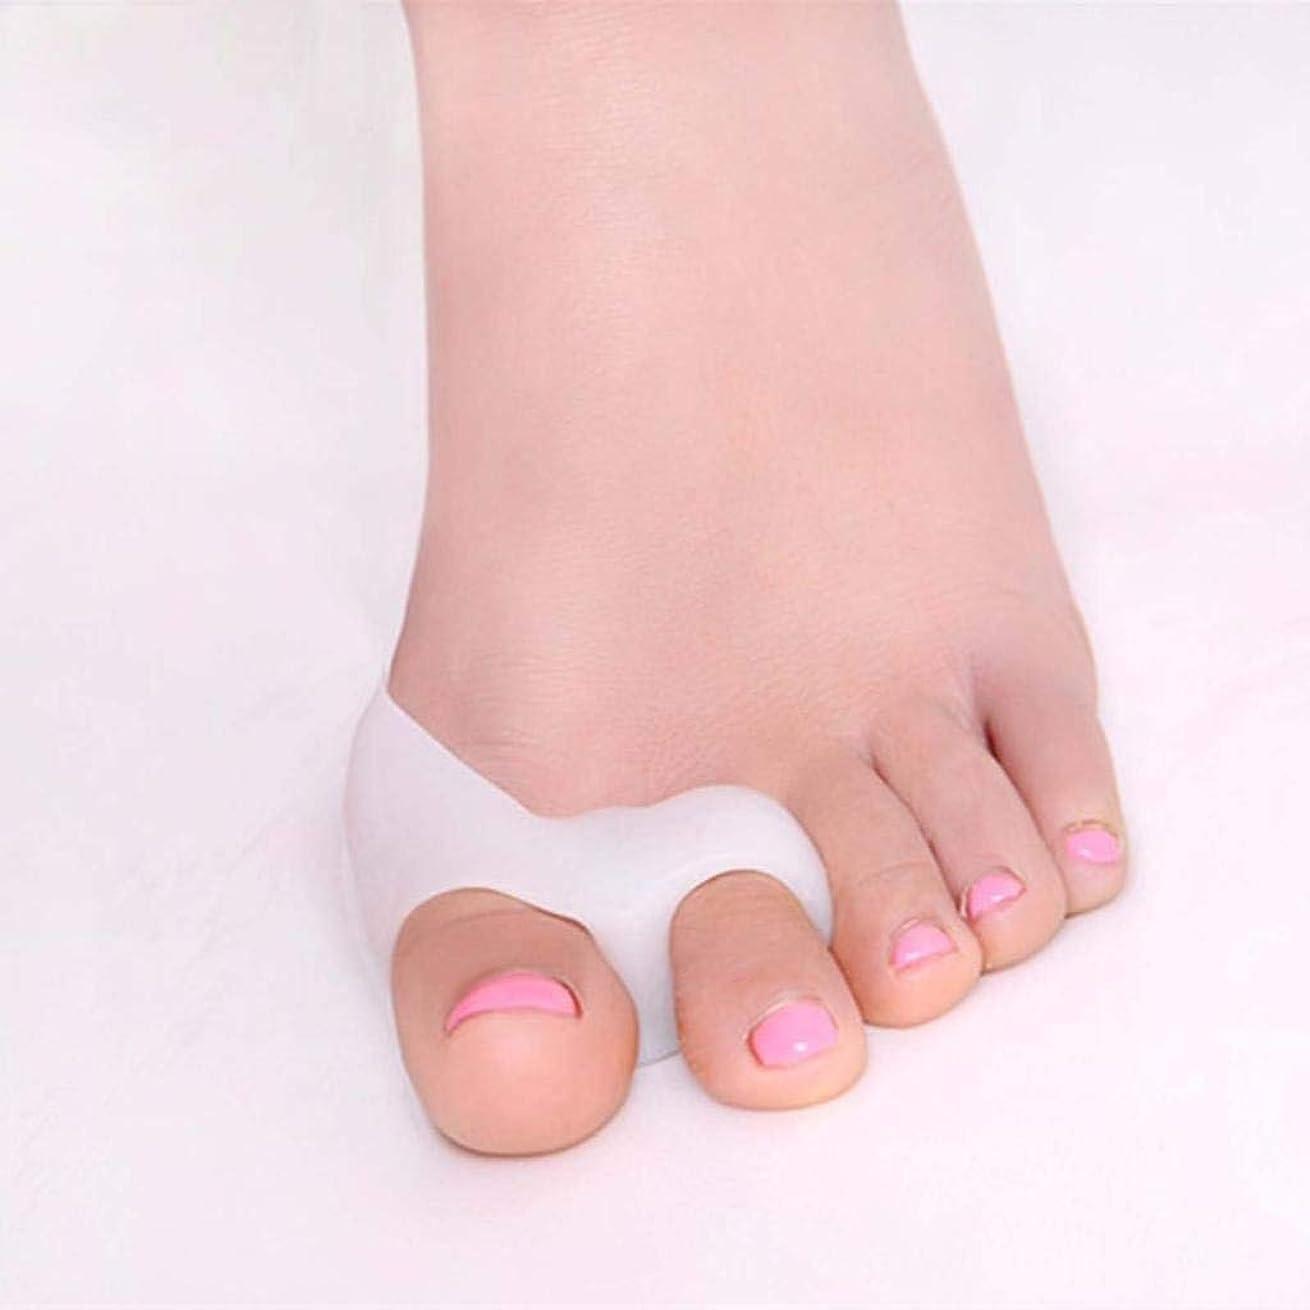 に負ける発表する半円Hemore足指サポーター 足指セパレーター 指間広げる 足指矯正パッド つま先の保護 バニオン防止 健康グッズ フリーサイズ 2pcs